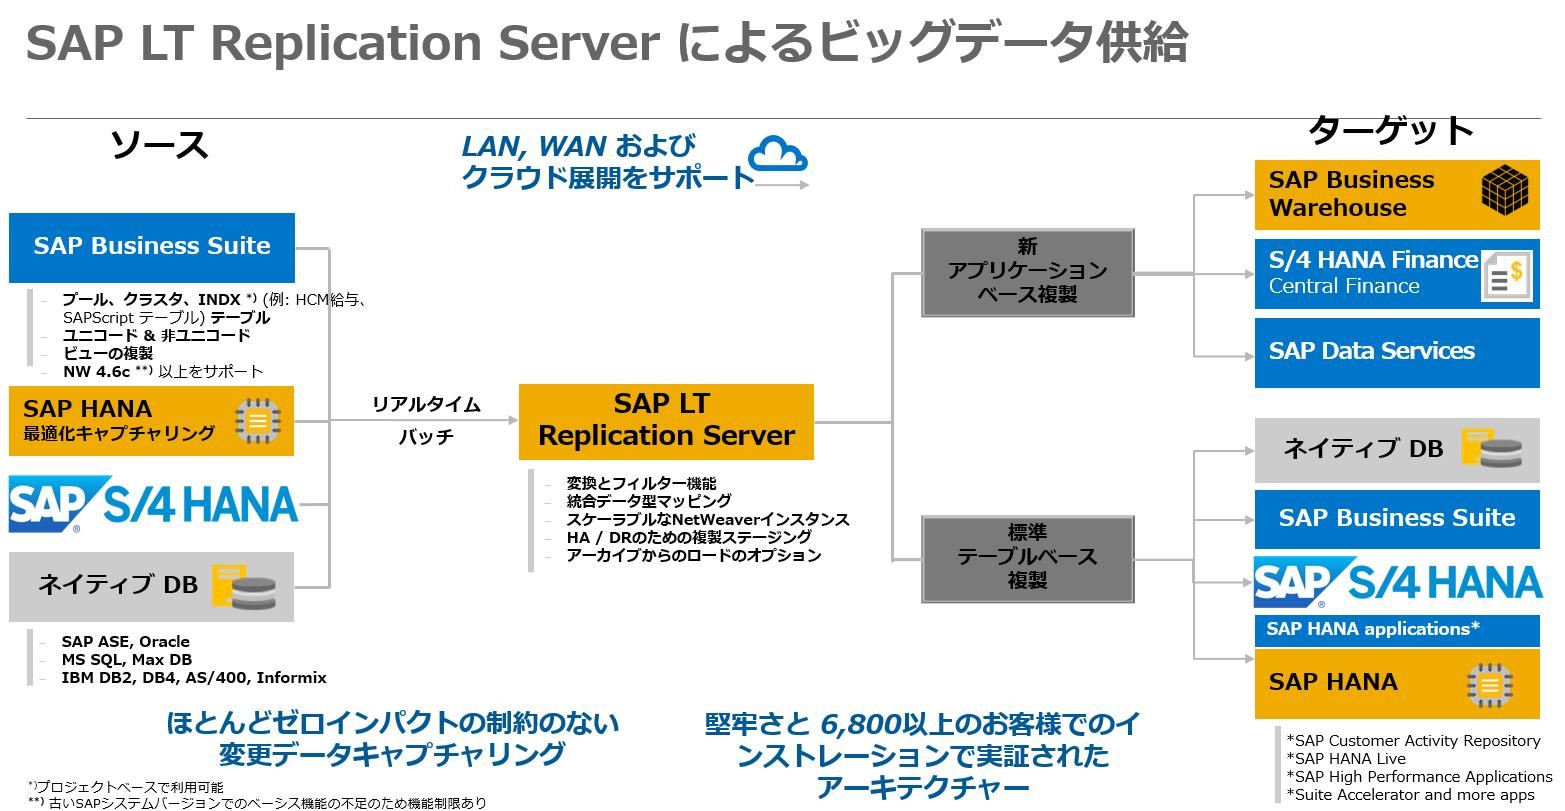 slt-overview-2-slt_overview_september_2016_external-jp